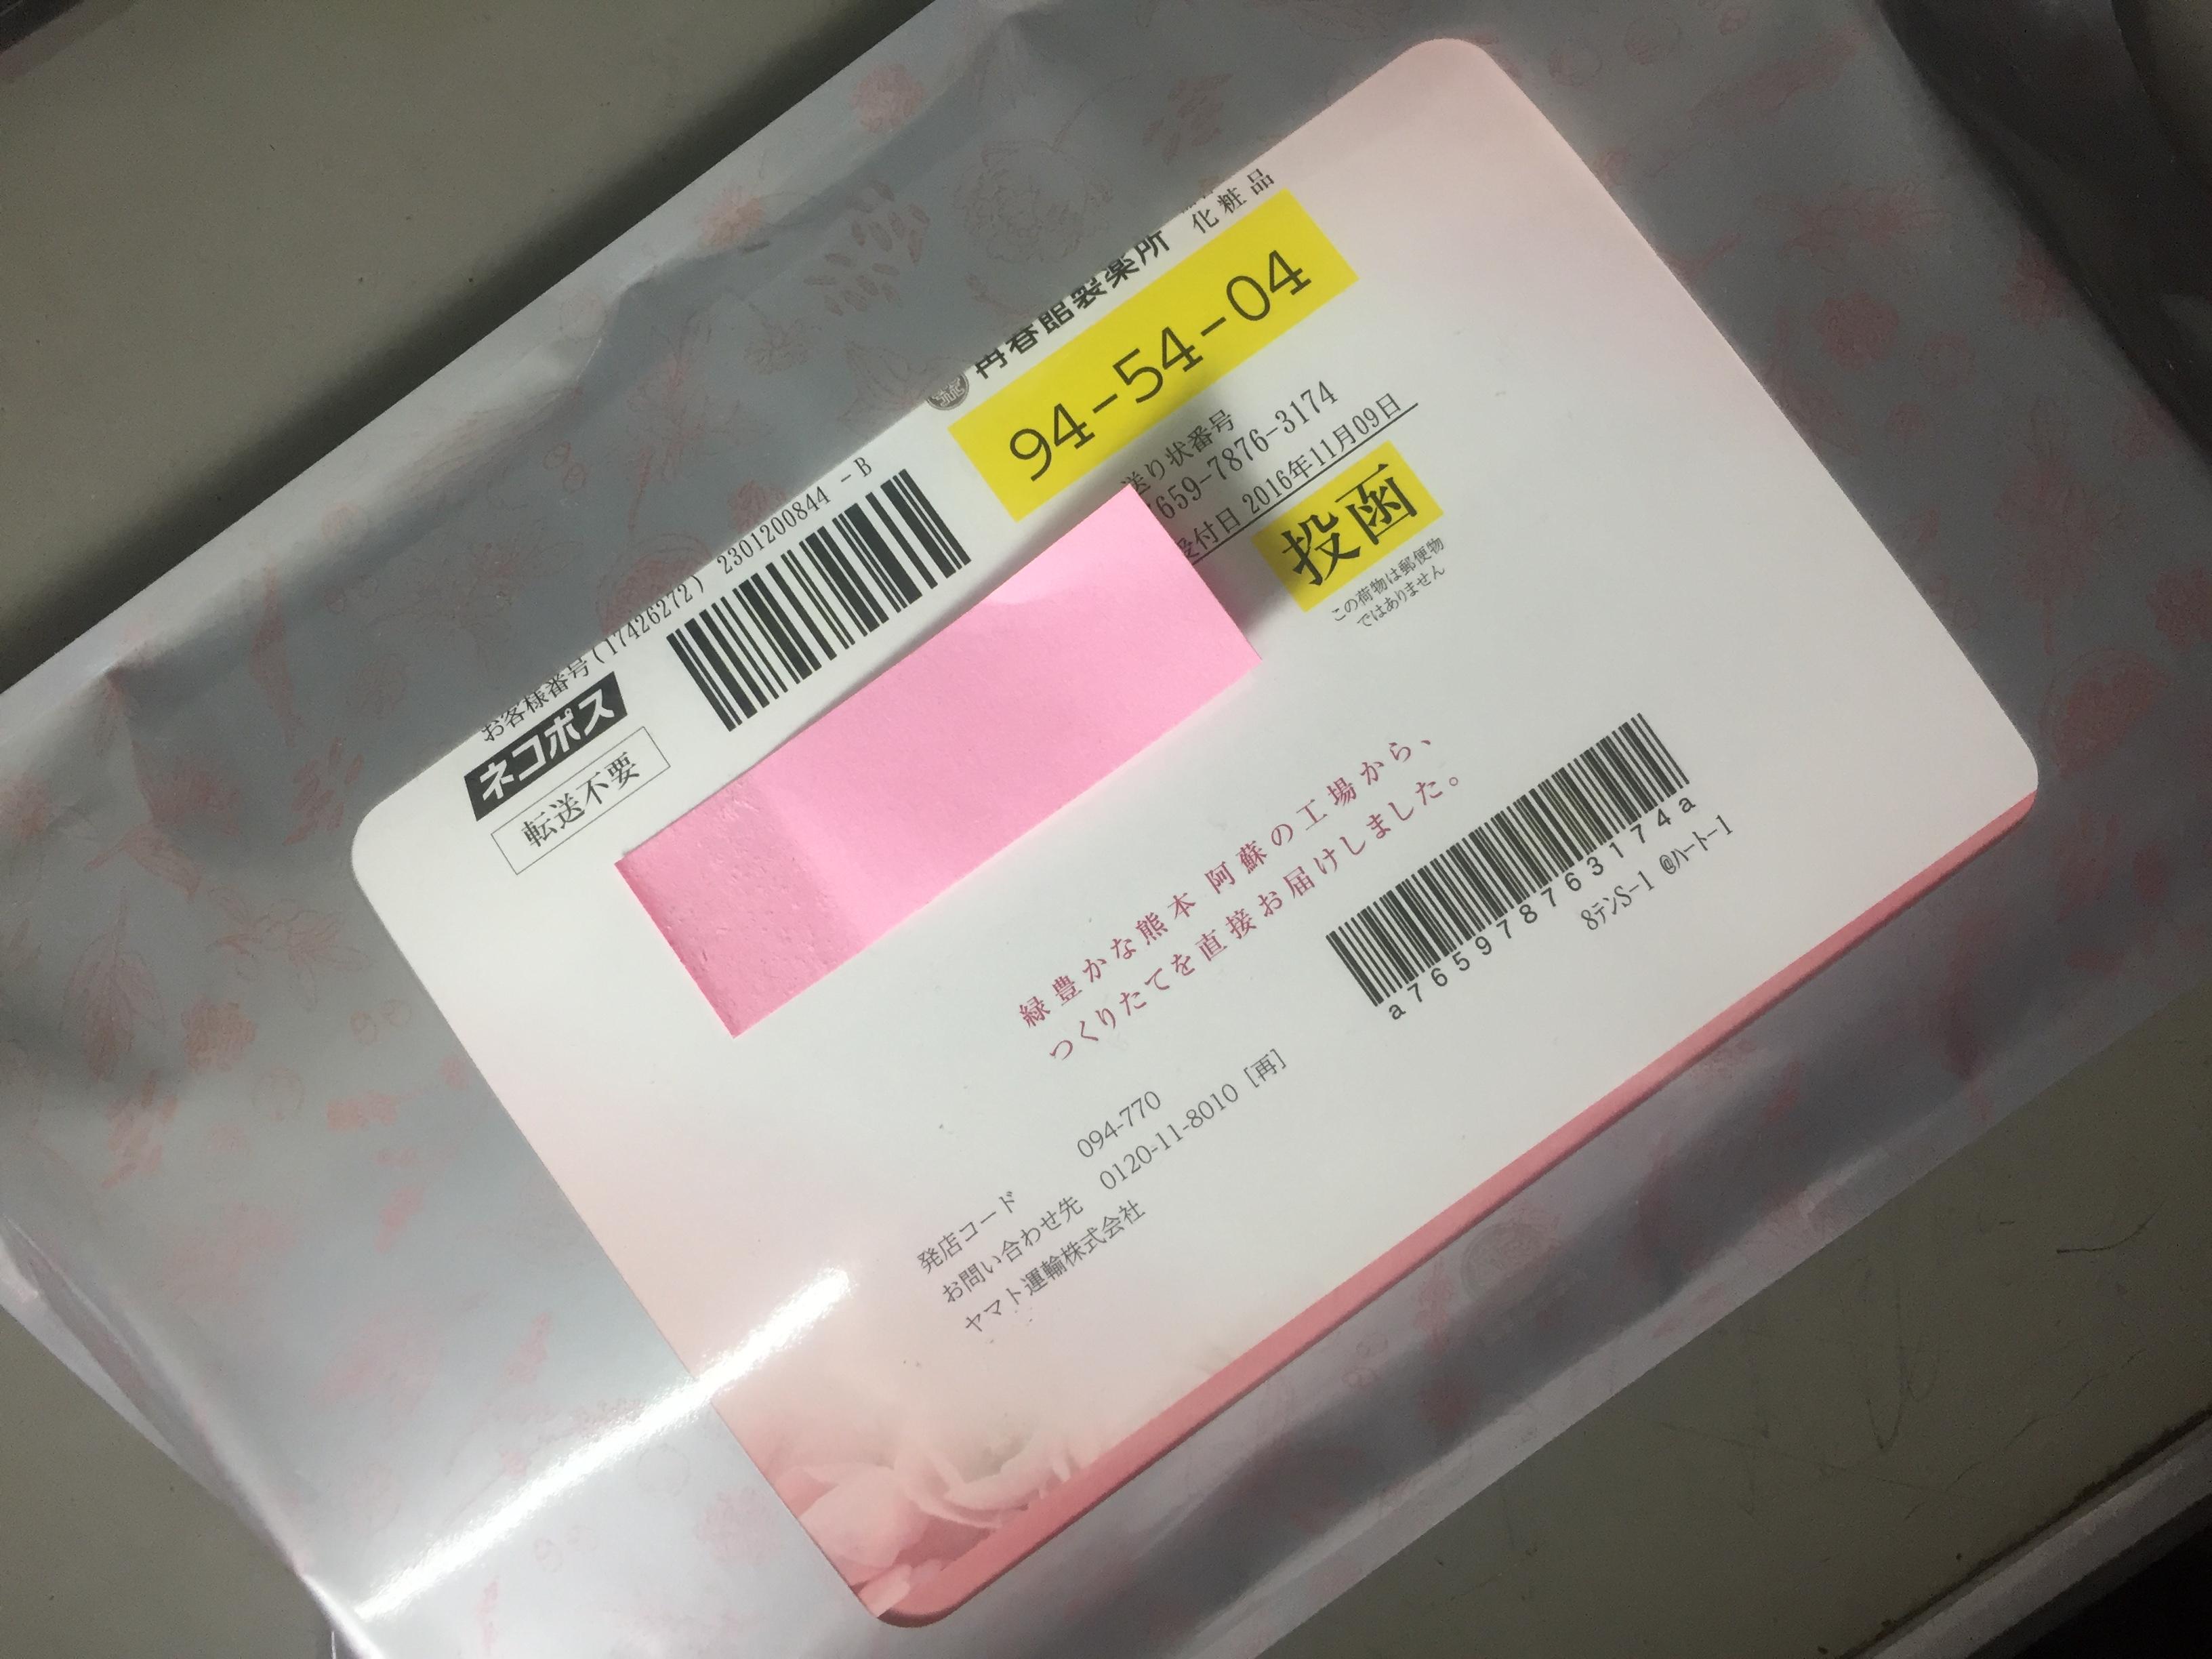 再春館製薬所ドモホルンリンクル3日間お試しセットネット申し込み